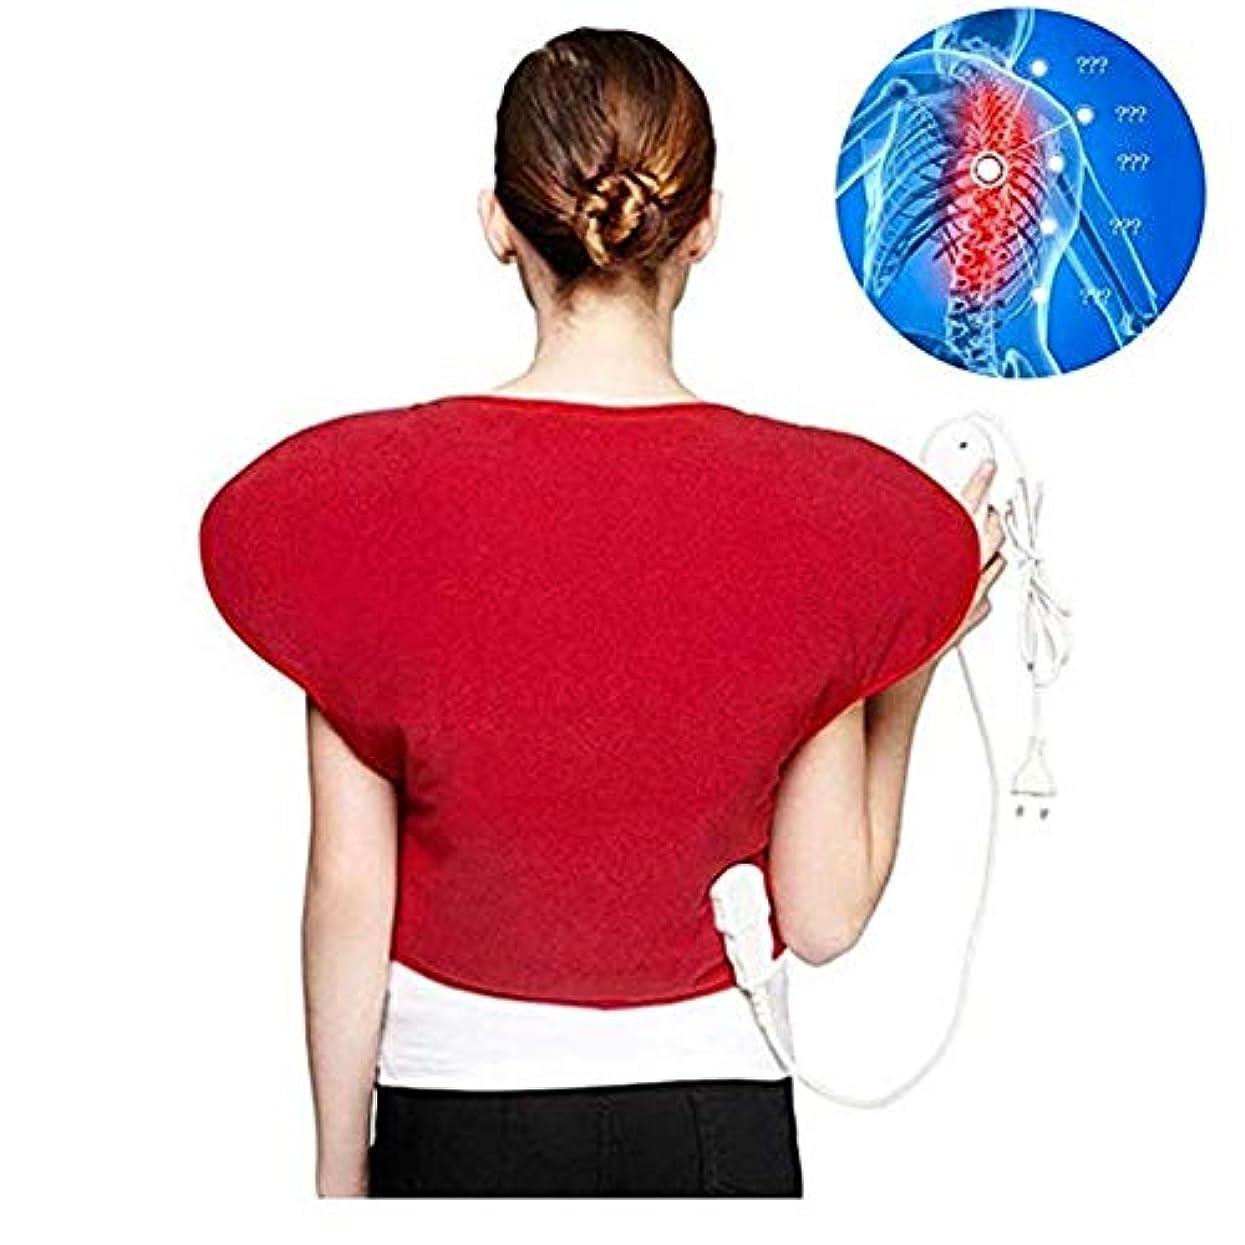 悪名高いメンタリティ勇気のある肩と首の電気ヒーターパッド - 物理的な痛みの救済ホットヒートのベスト、3ファイル一定の温度、自動パワーオフ、医療用品蝶形のマッサージのヒートパッド